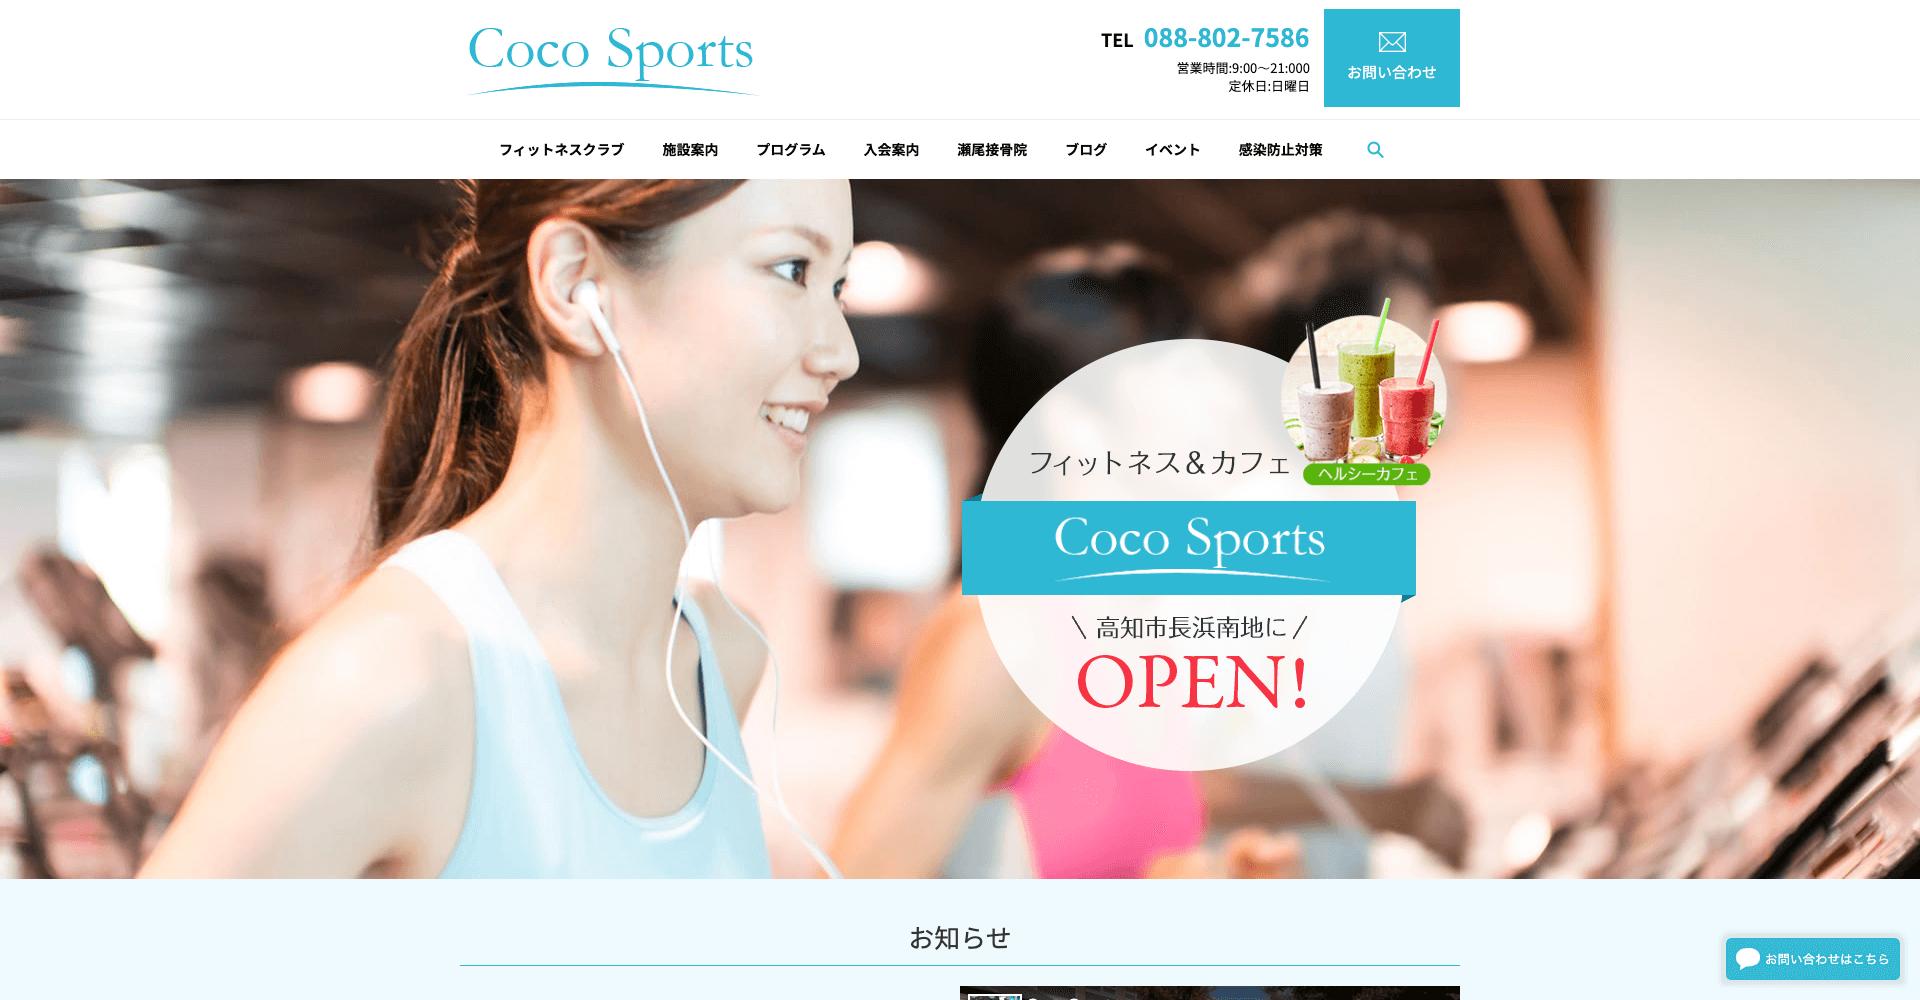 Coco Sports